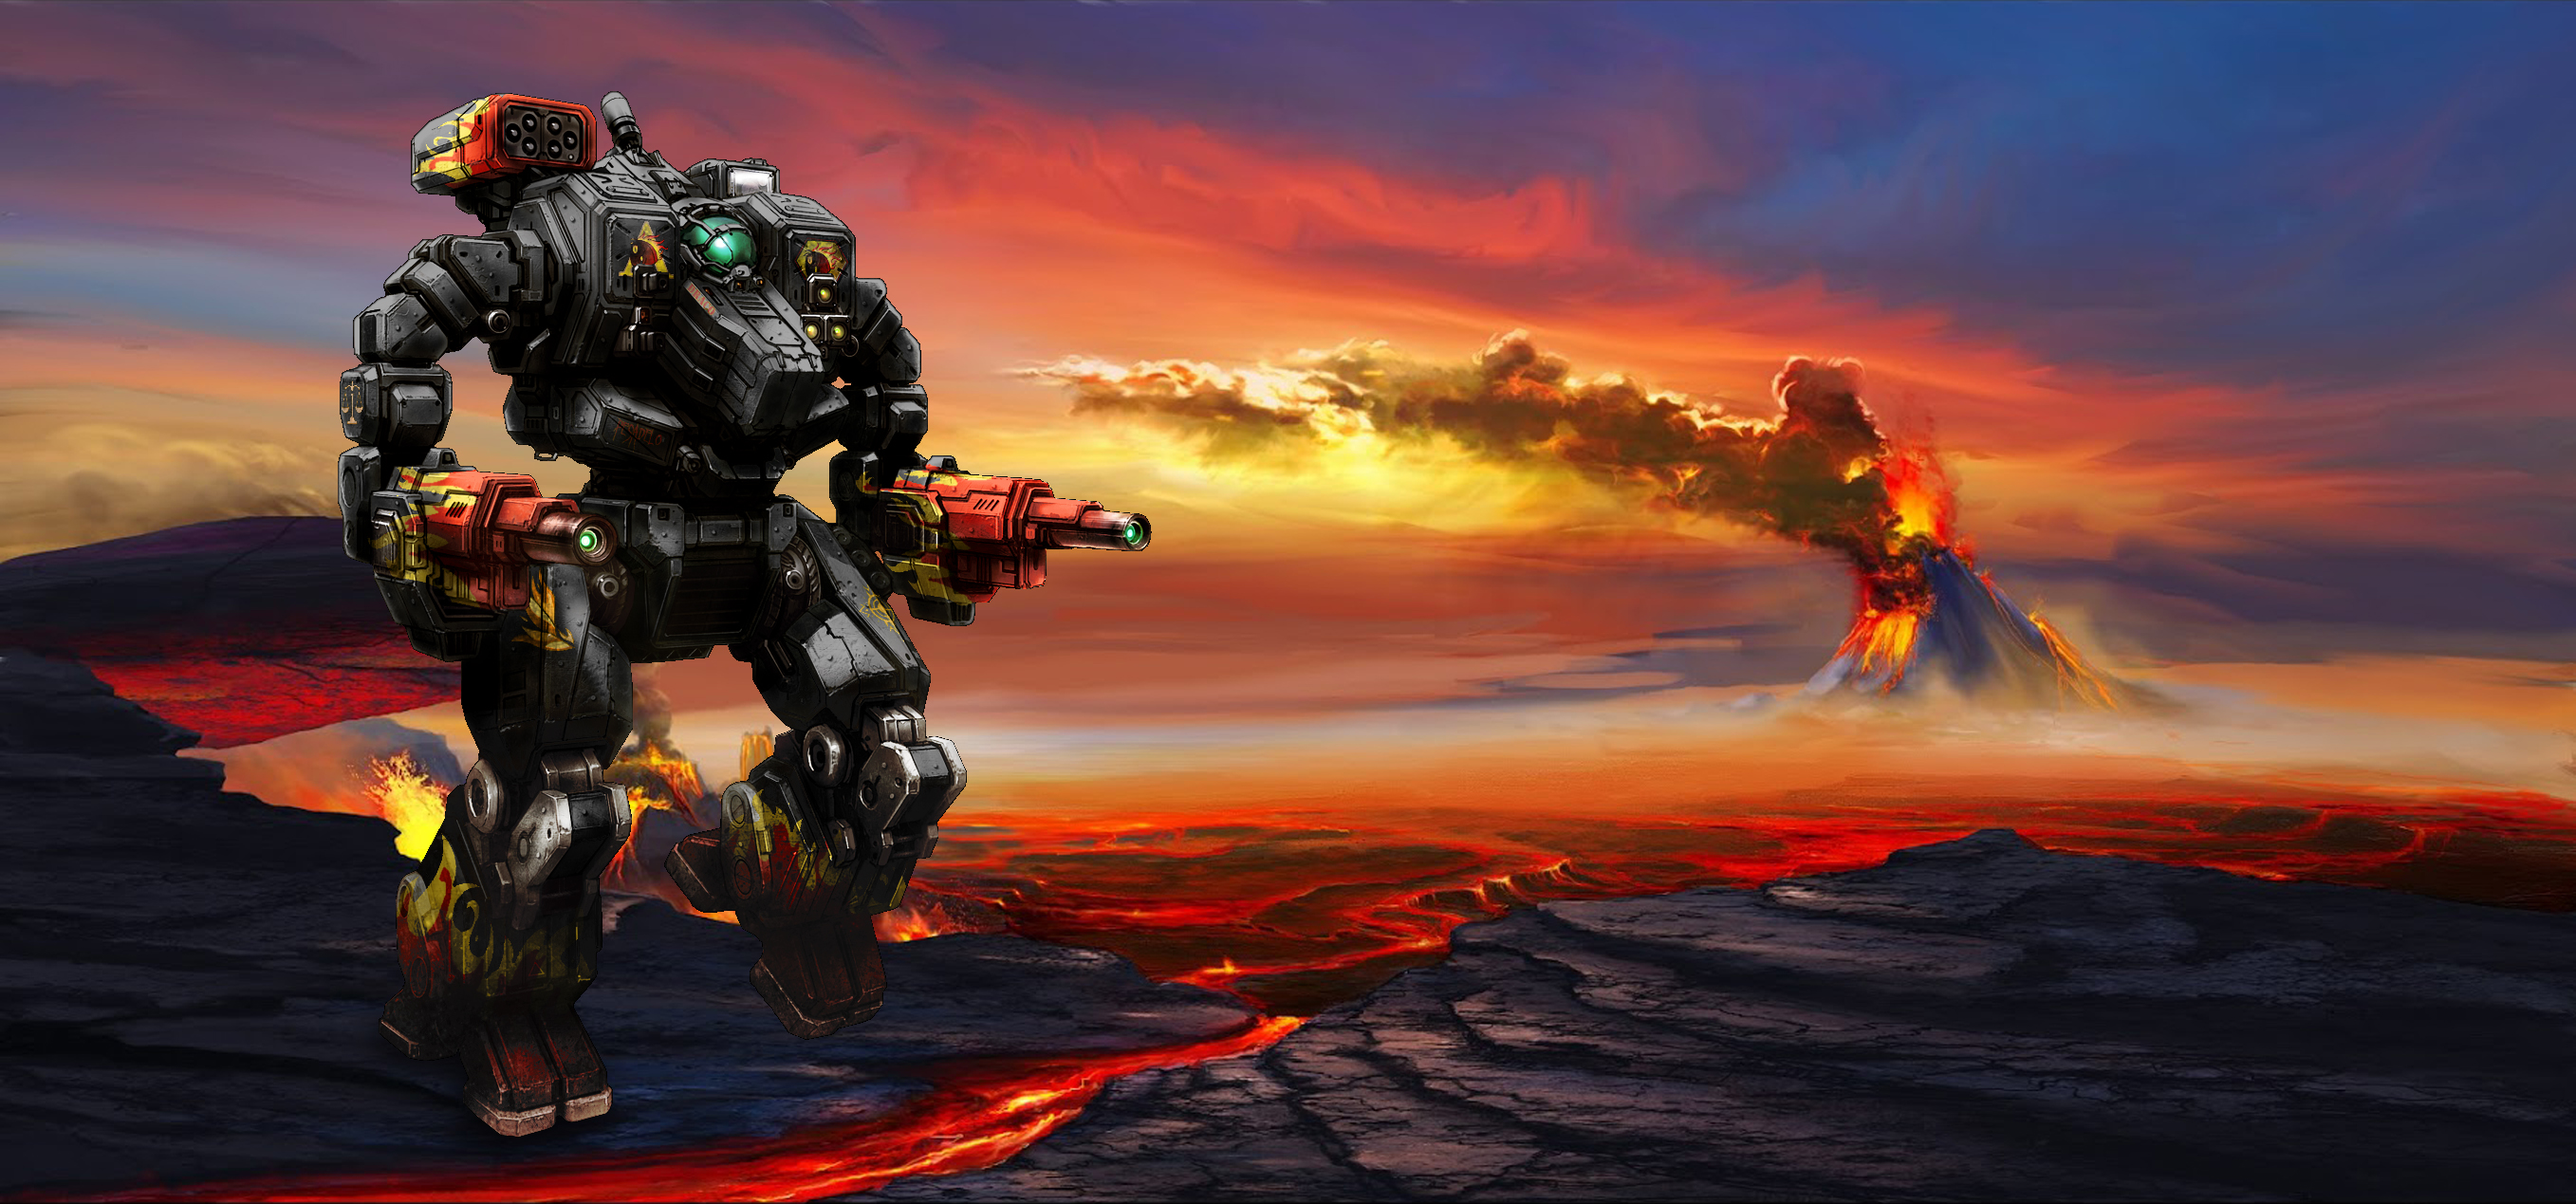 MWO Hellbringer (Loki) wallpaper by Odanan